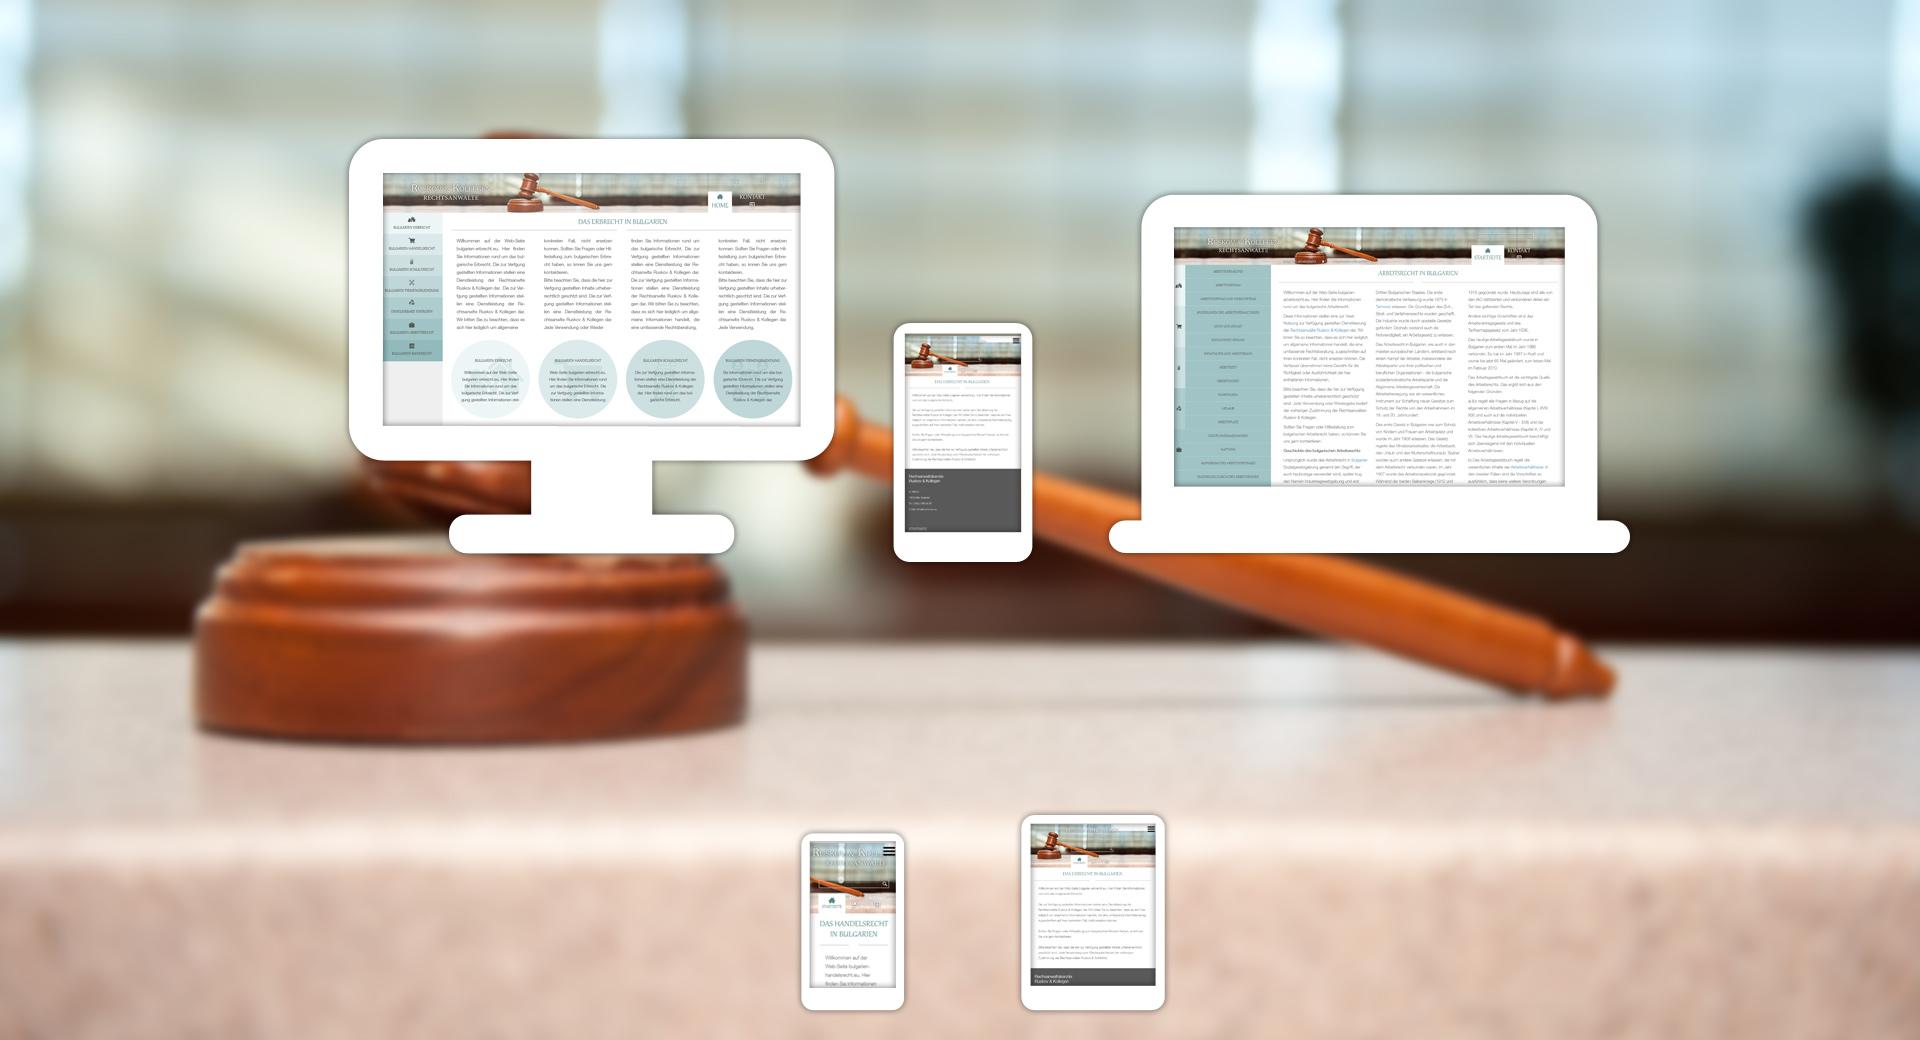 Erbrecht in Bulgarien website design